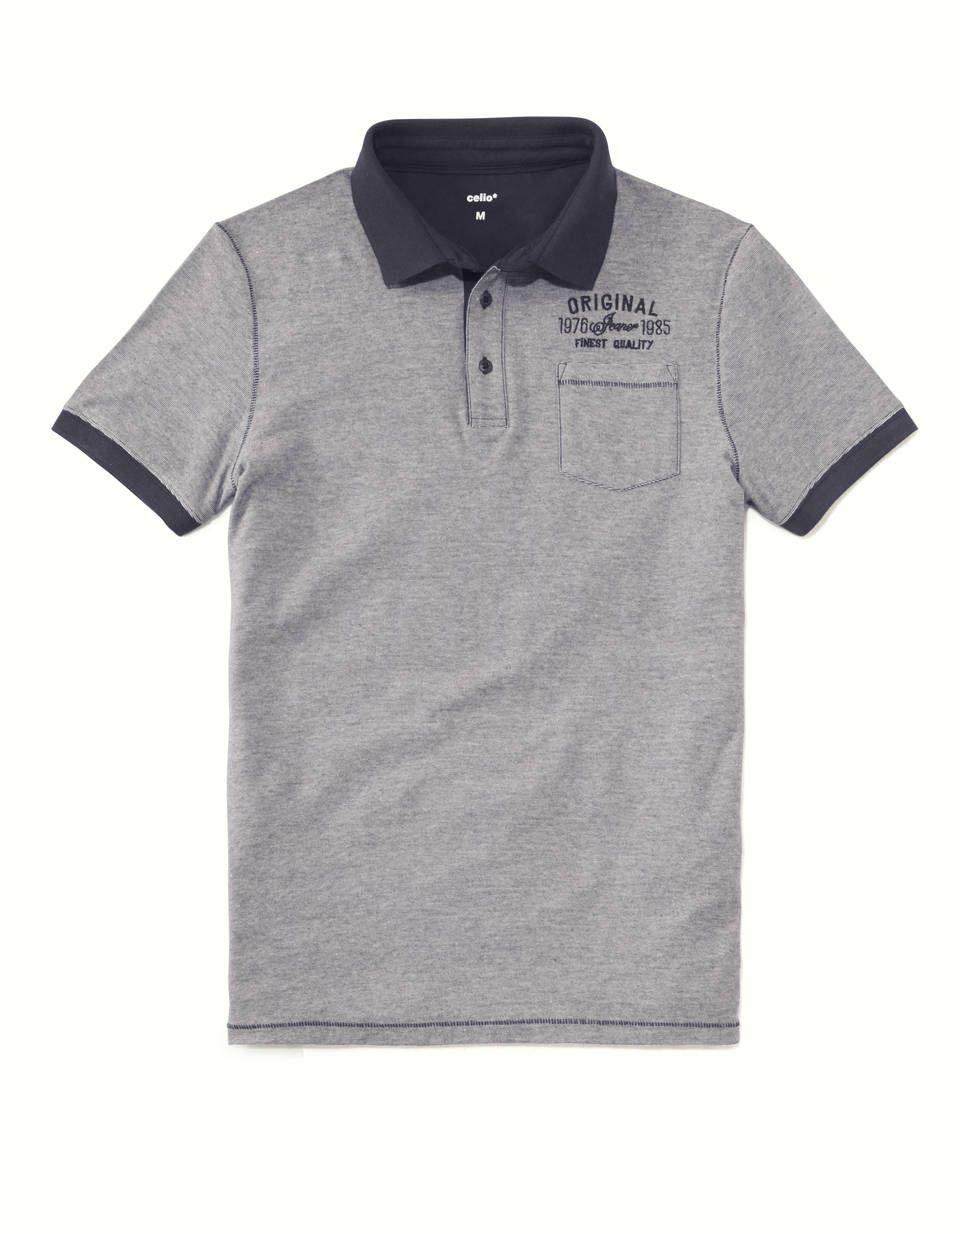 Polo manches courtes rayé jersey 100% coton - BEMICRO ECRU02 - Image à plat  - Celio France b1f122290ff5